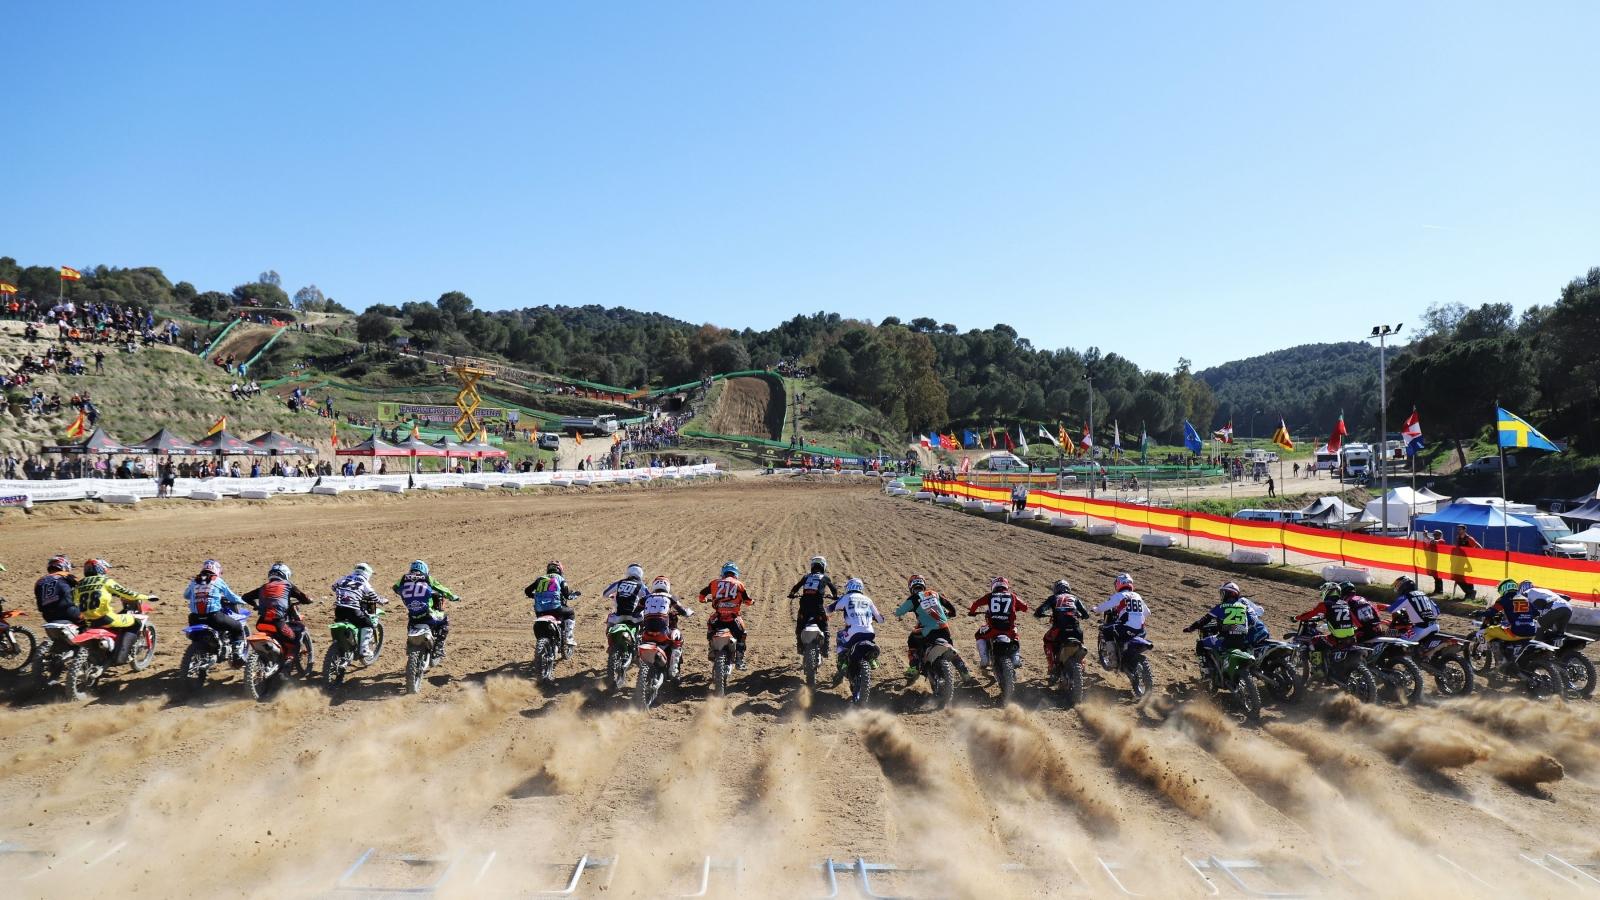 Los Campeonatos de España de MX y Trial 2020 se reanudarán a comienzos de julio